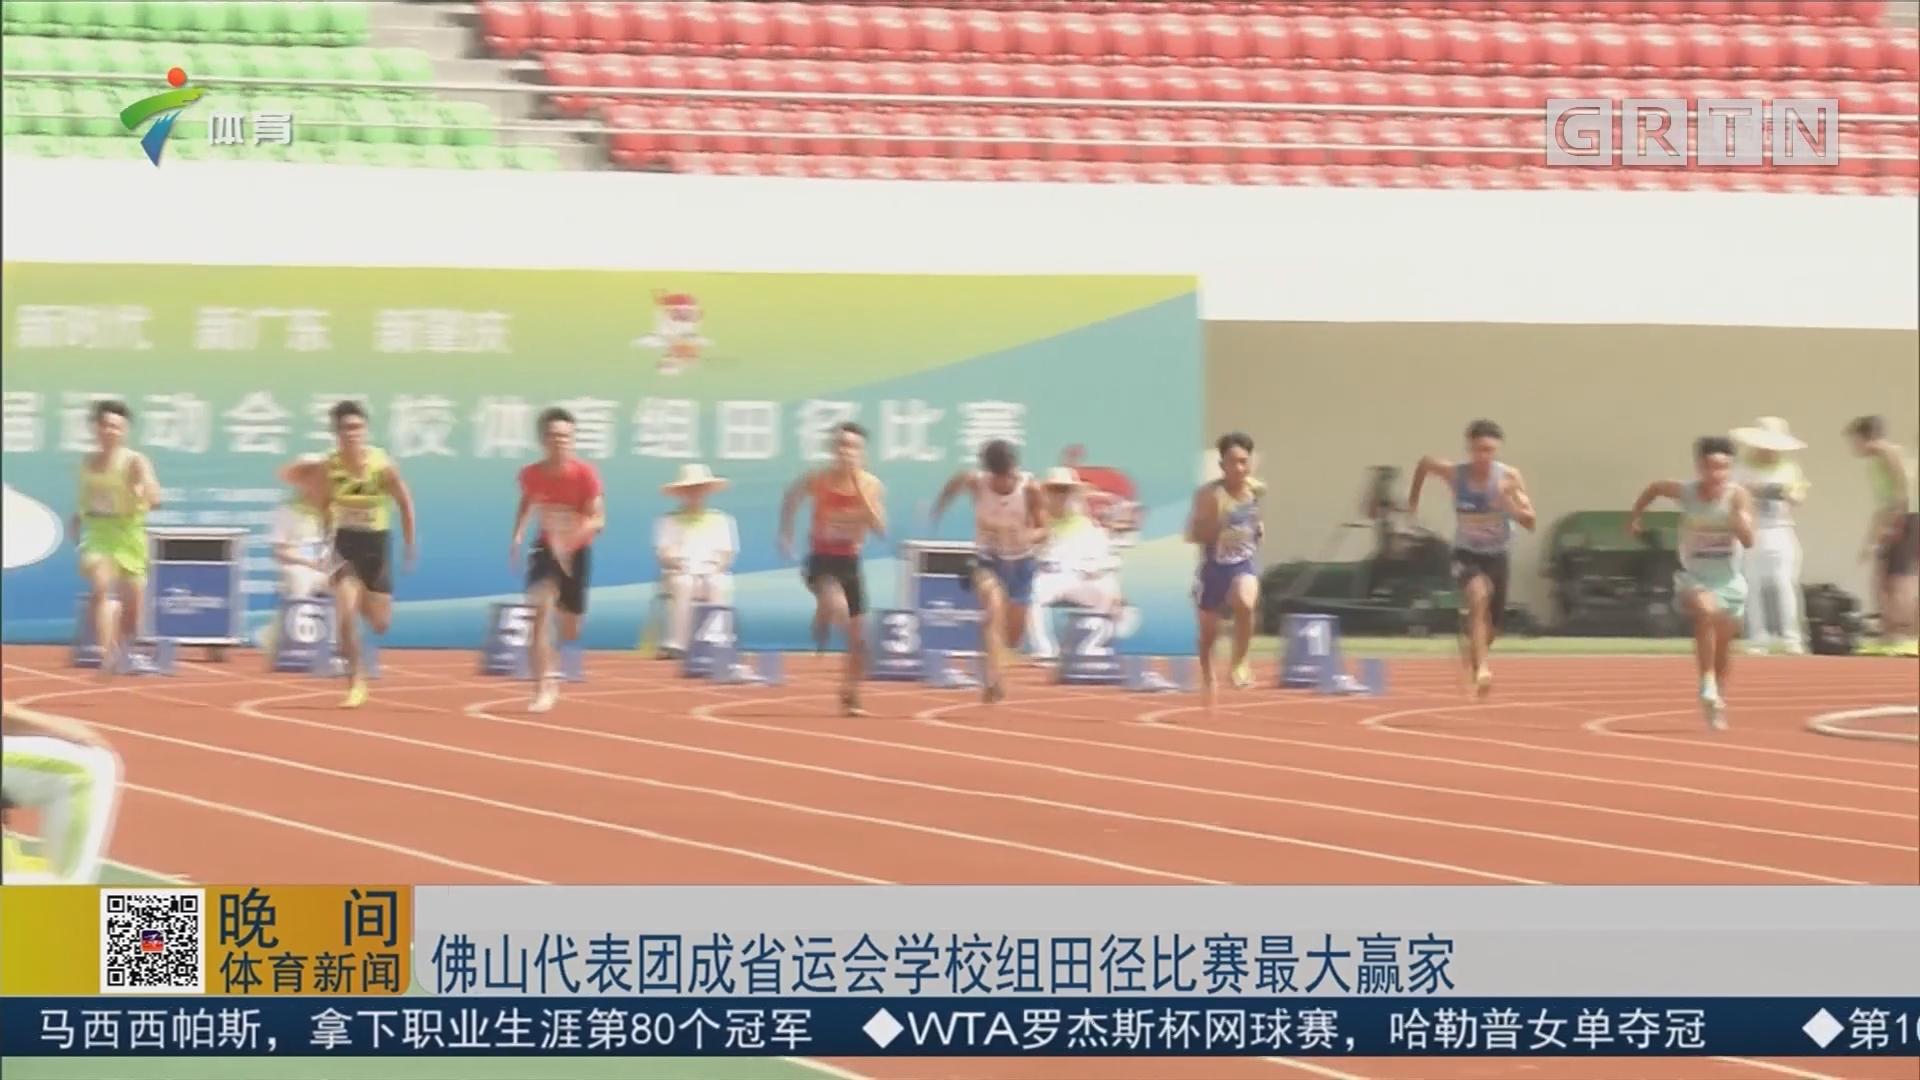 佛山代表团成省运会学校组田径比赛最大赢家